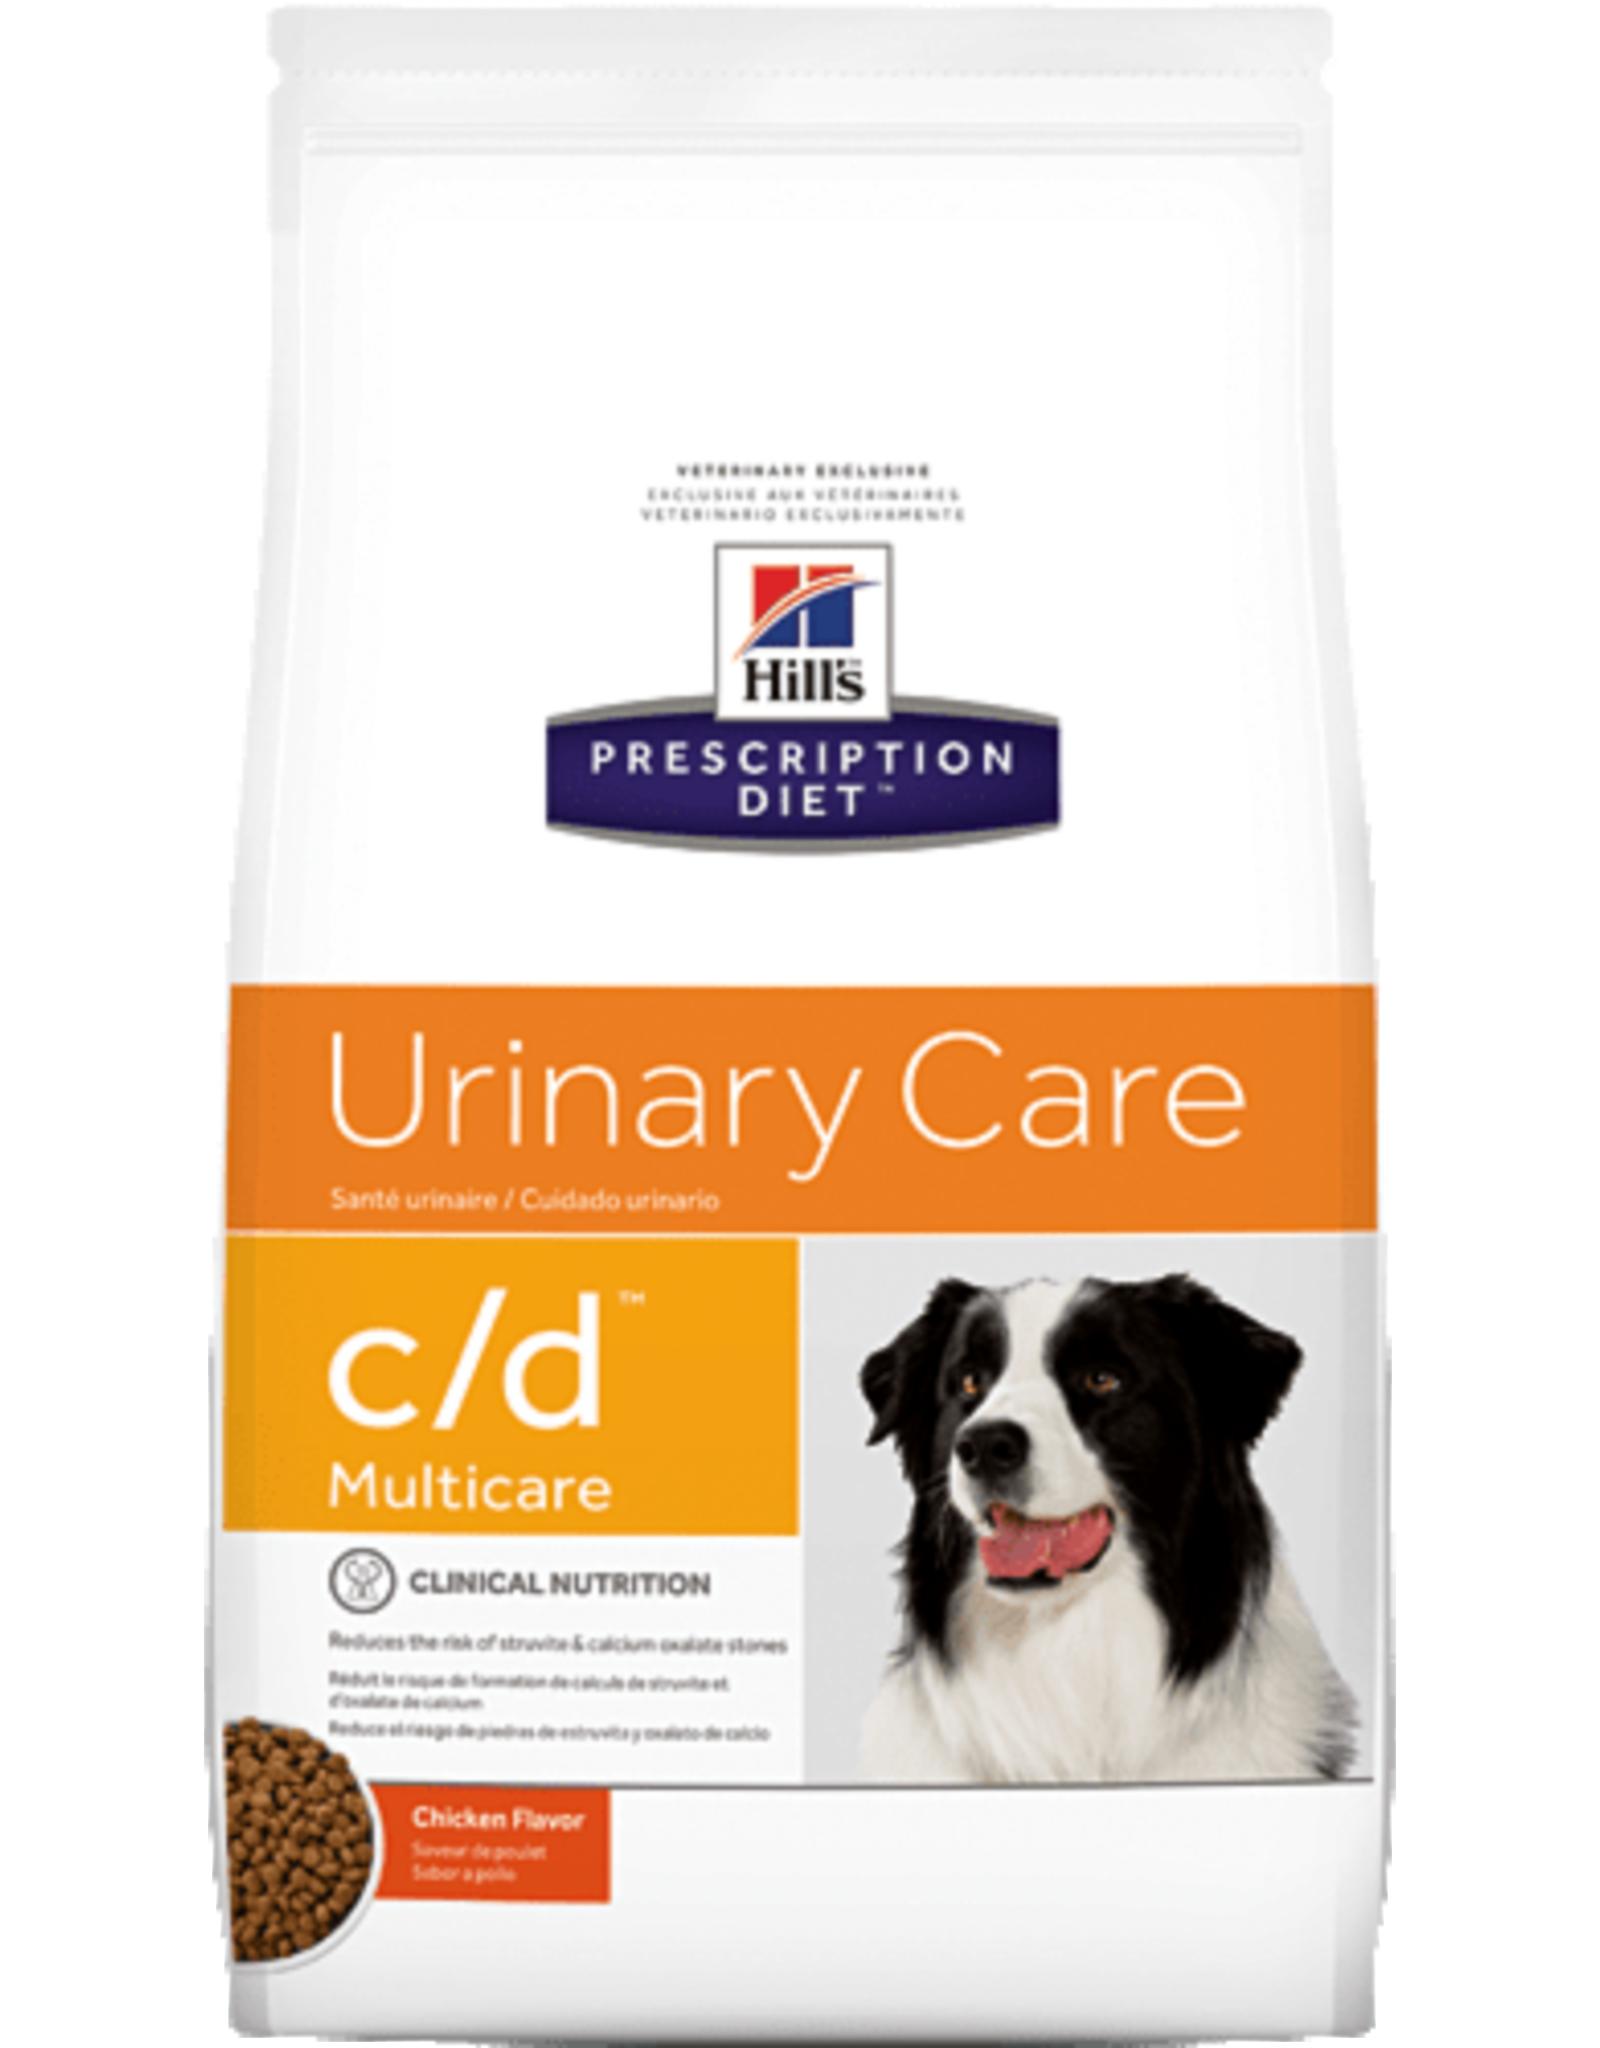 Hill's Hill's Prescription Diet C/d Canine 5kg